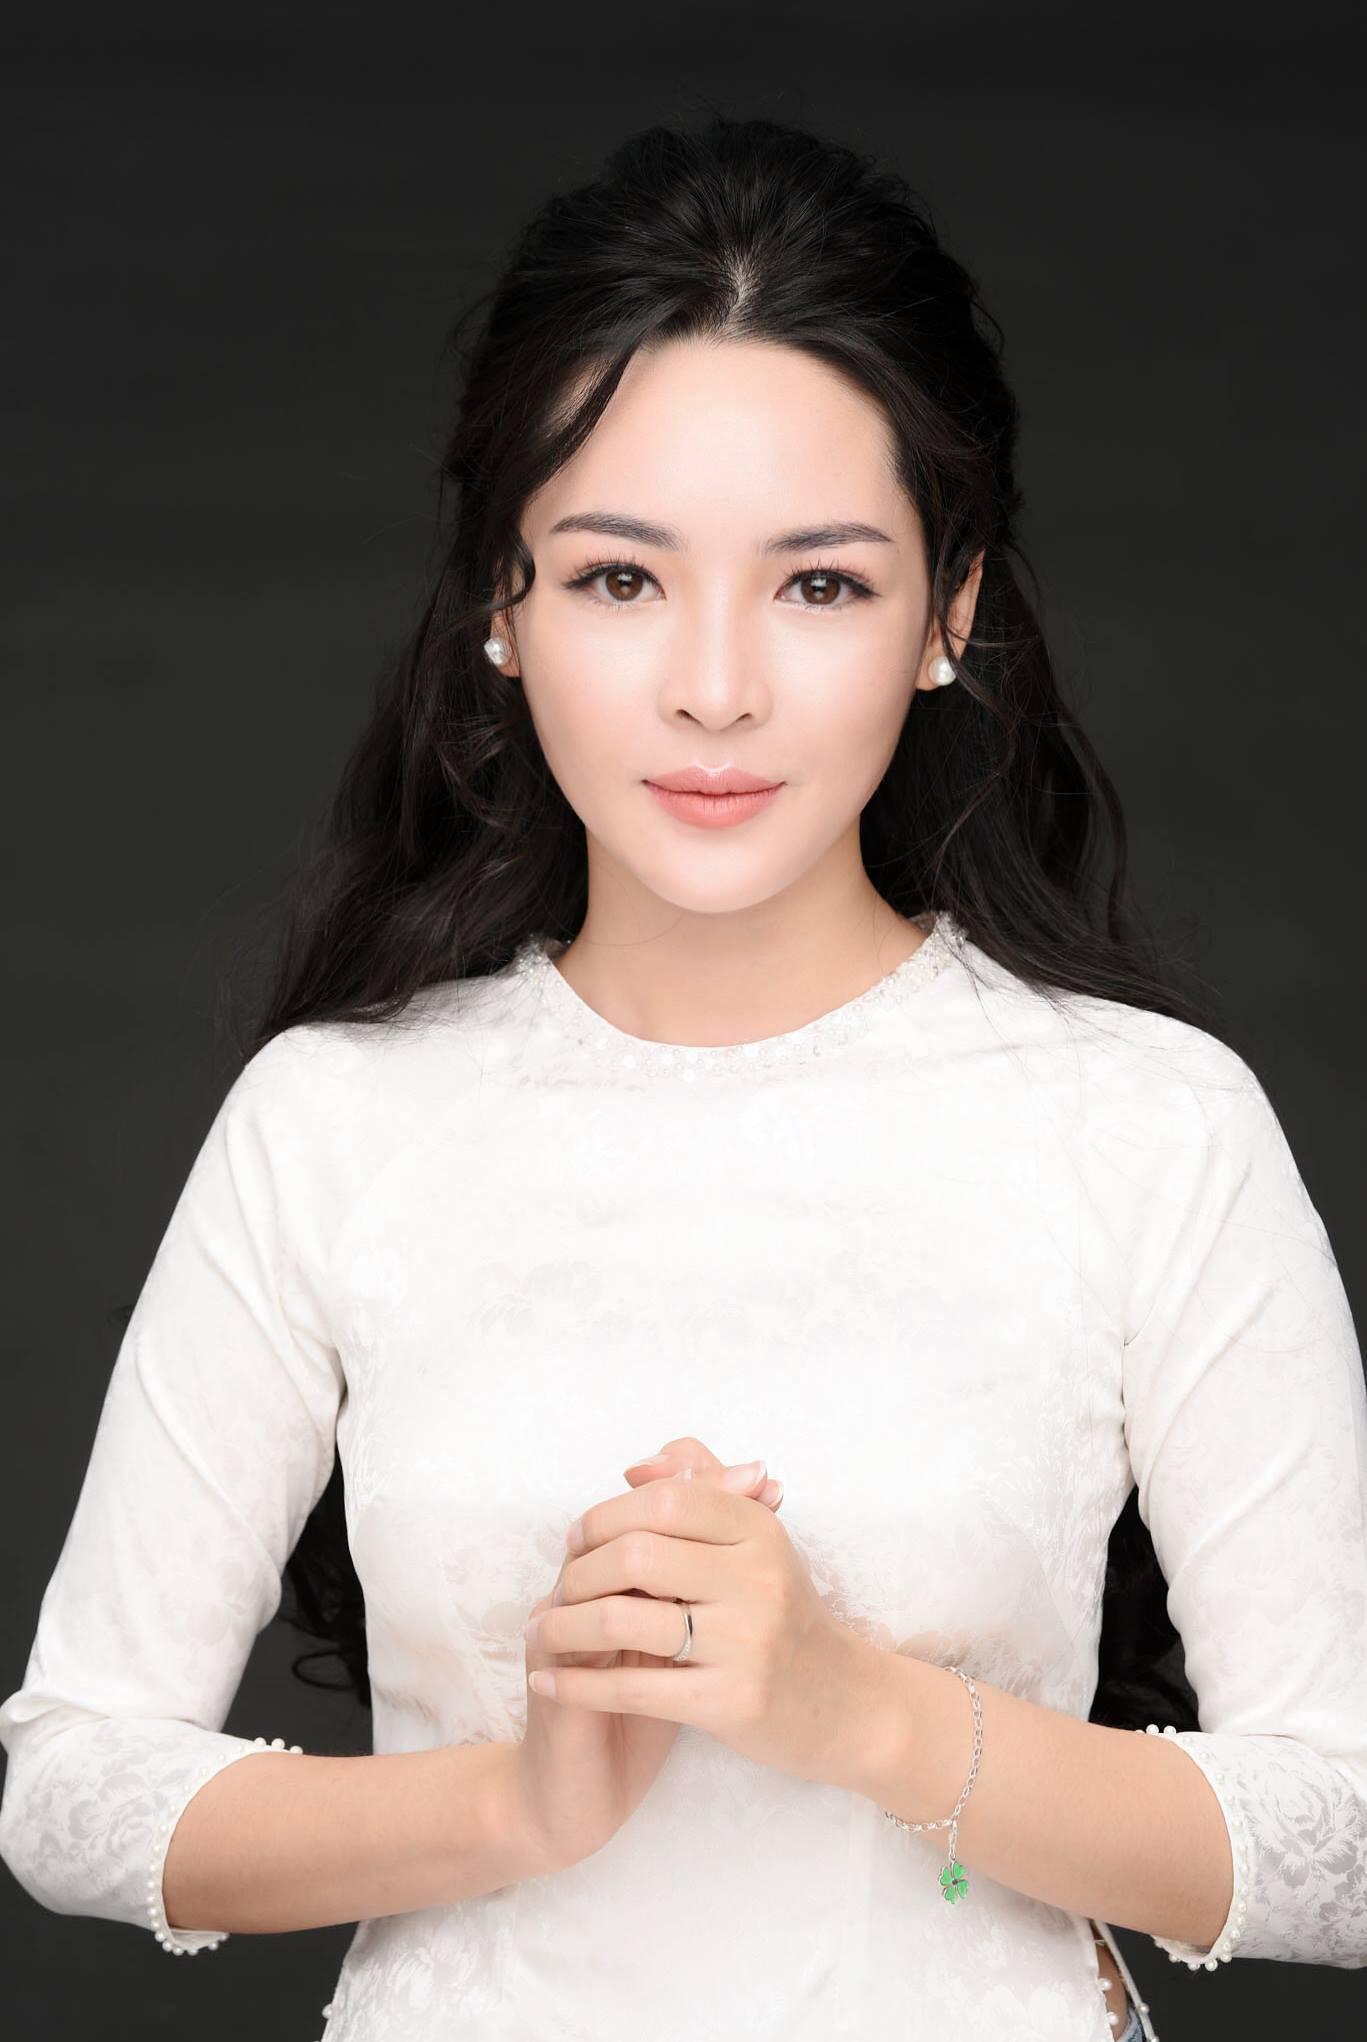 Hot girl PTTM Vũ Thanh Quỳnh trông như thế nào sau 3 năm dao kéo? - Ảnh 13.